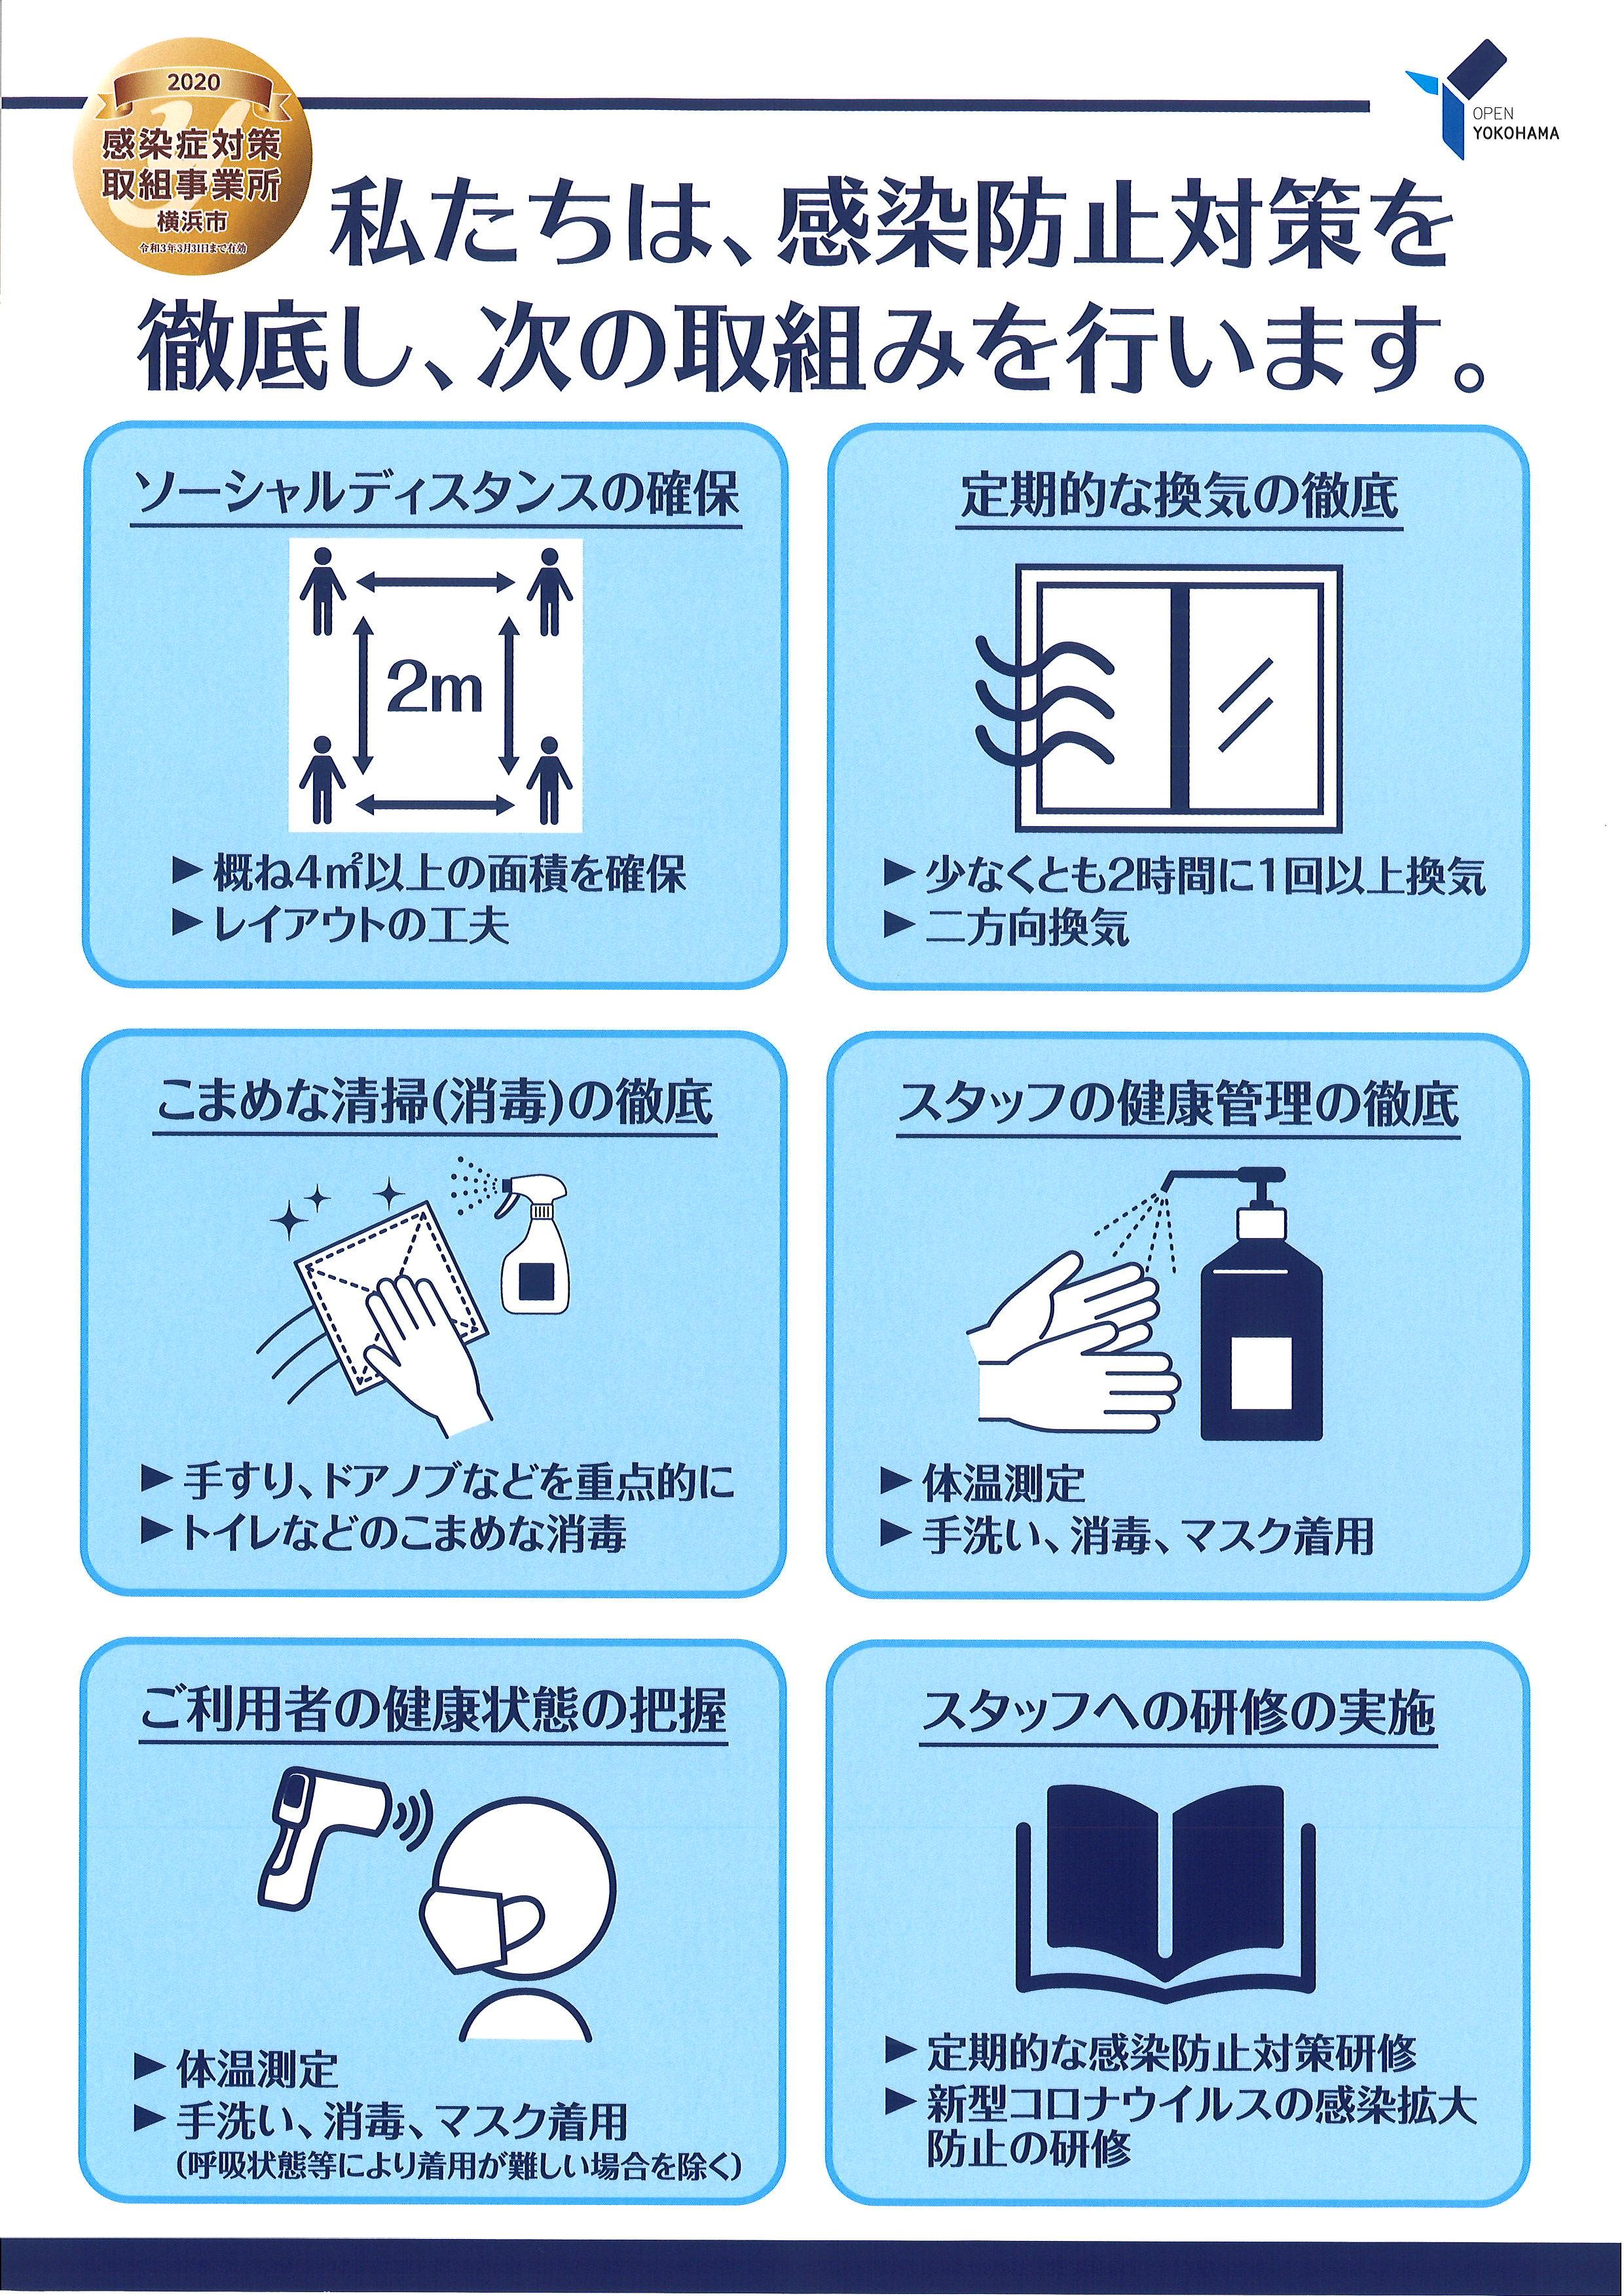 コロナ 横浜 感染 金沢 区 者 市